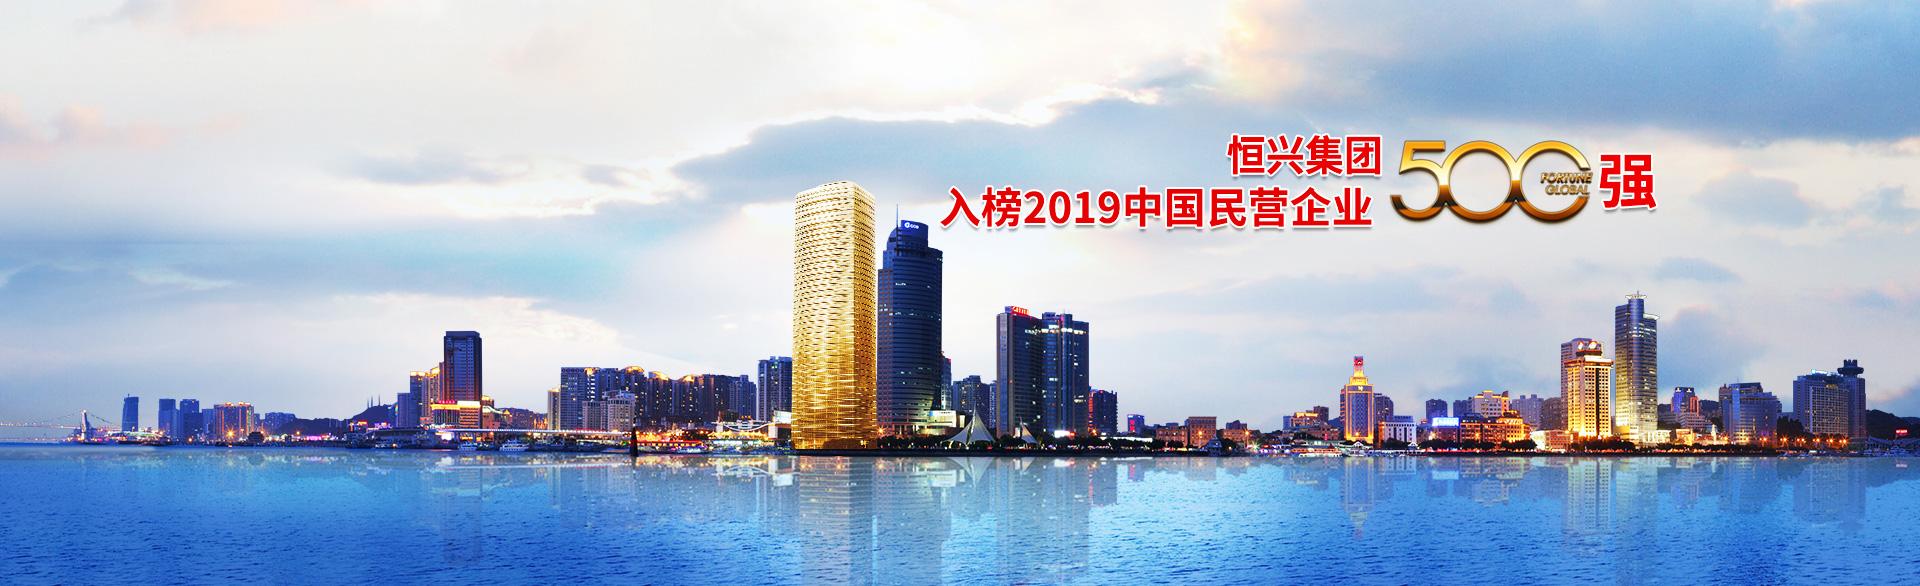 2019-500强